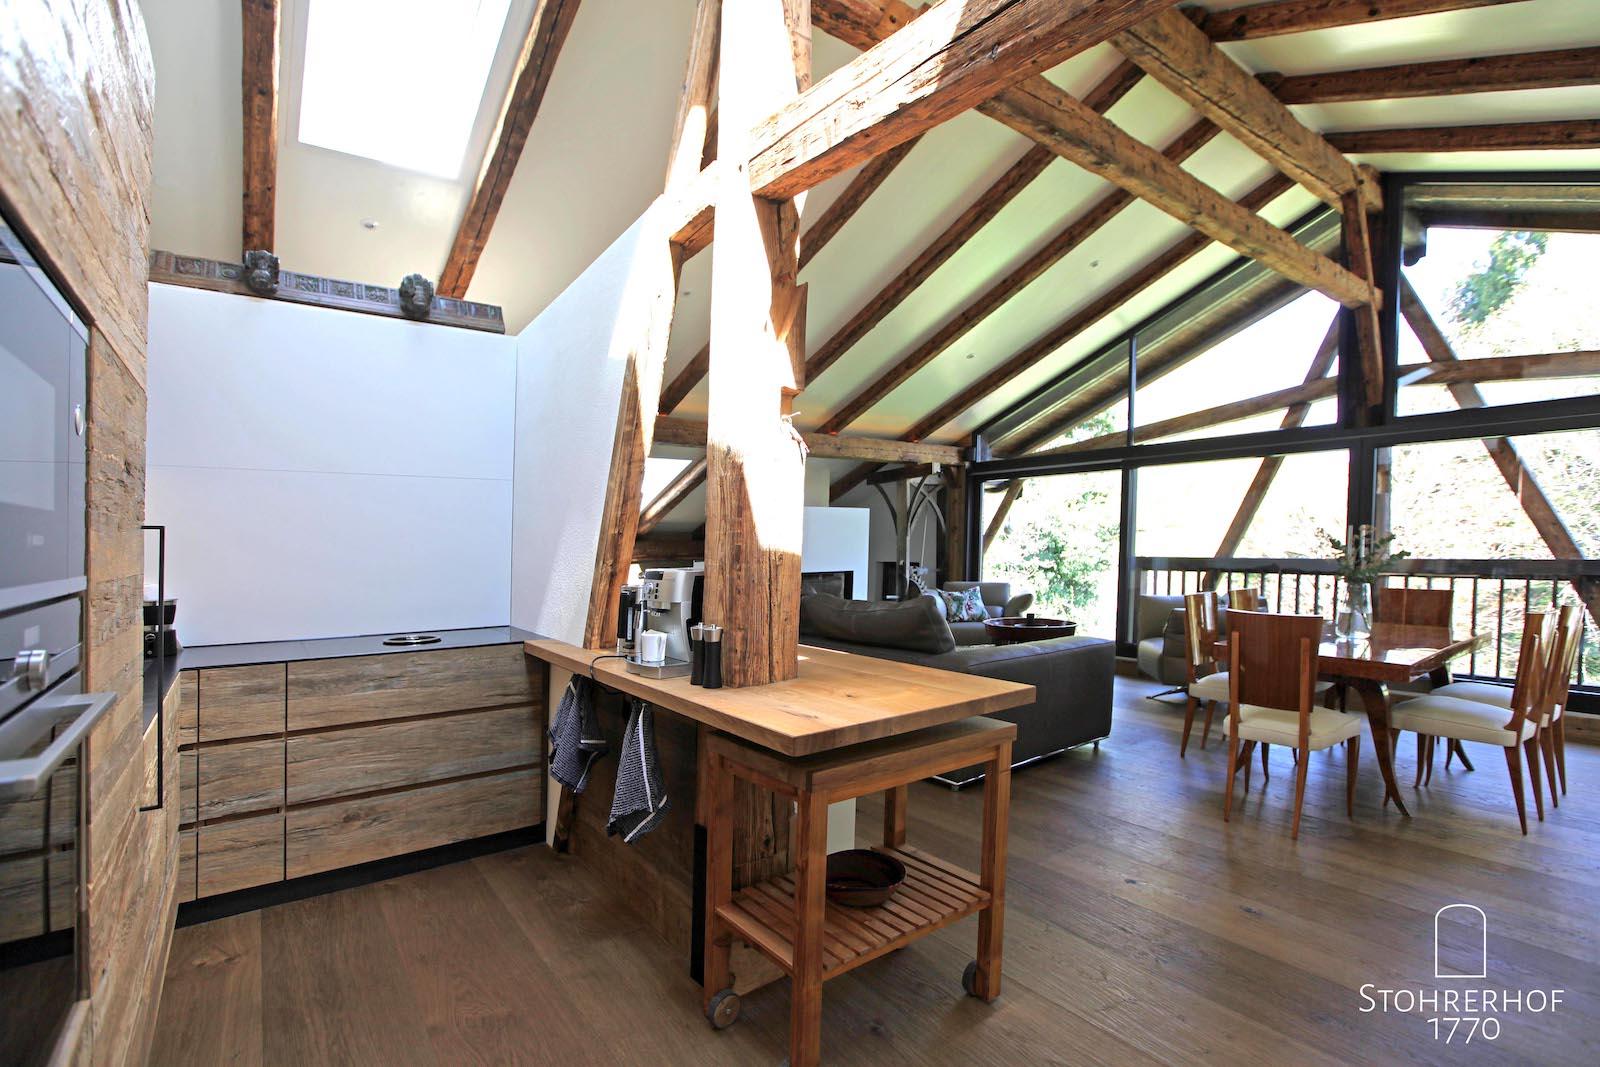 25-Penthouse-Blick-aus-Küche-mit-Herd-auf-Wohnen-mit-Esstisch-und-Sofa-K